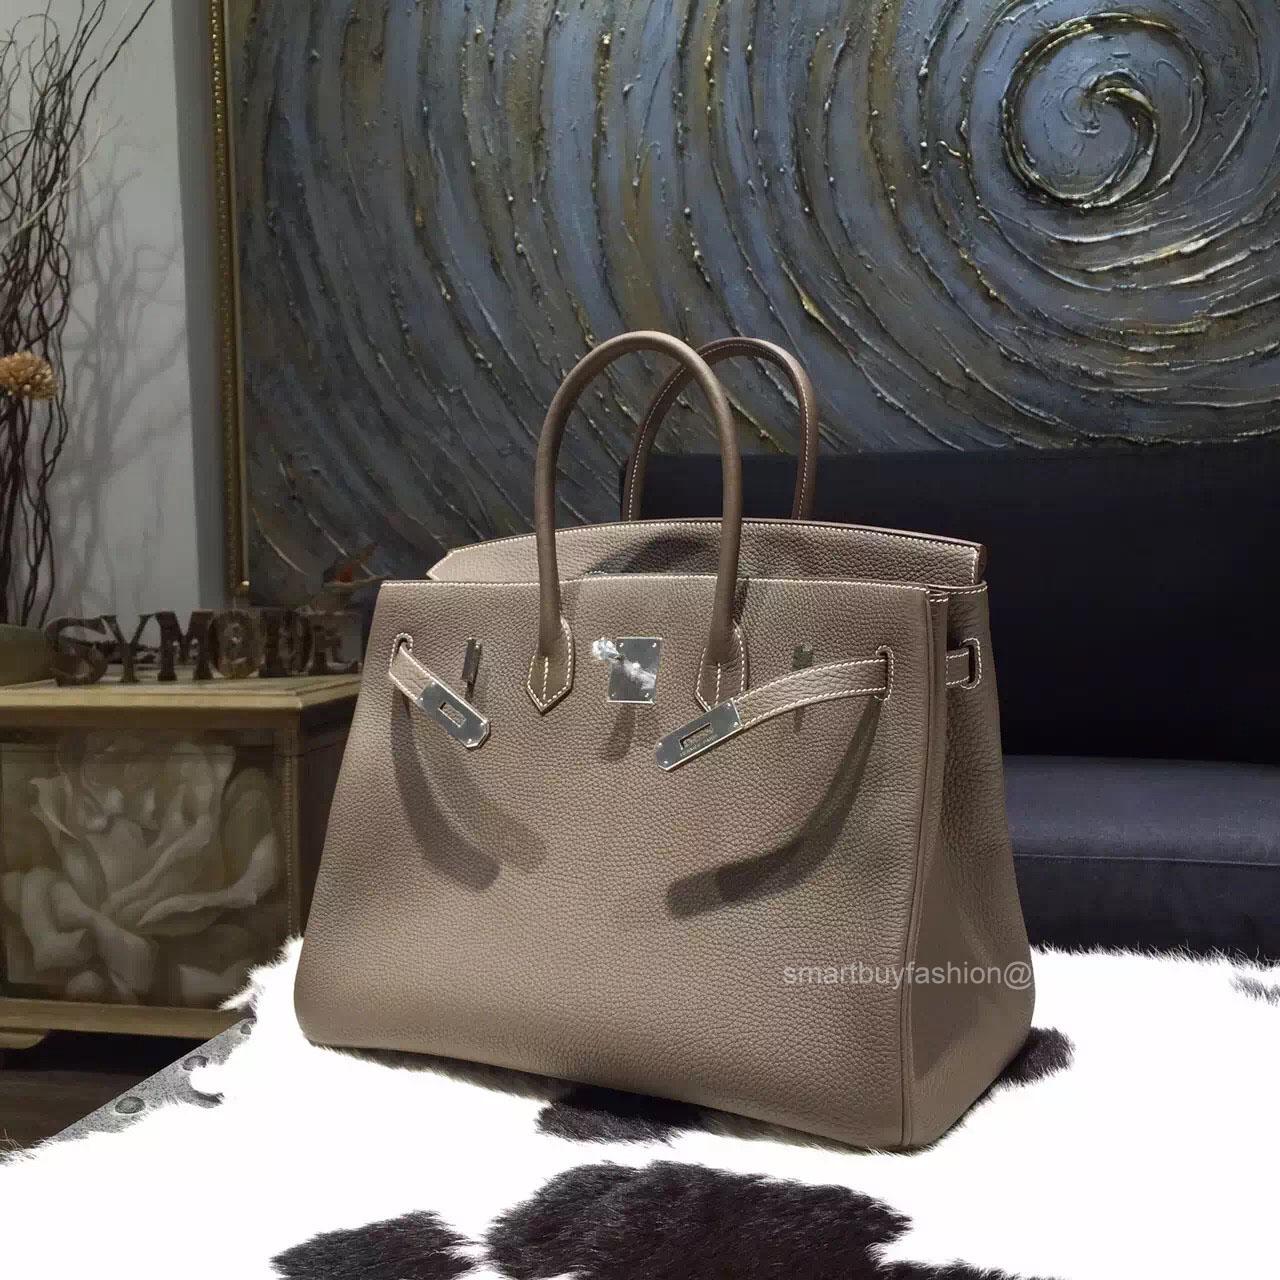 bc81fdab2a9d Hermes Birkin 35 cm Togo Bag Etoupe CK18 Handstitched Silver Hw -